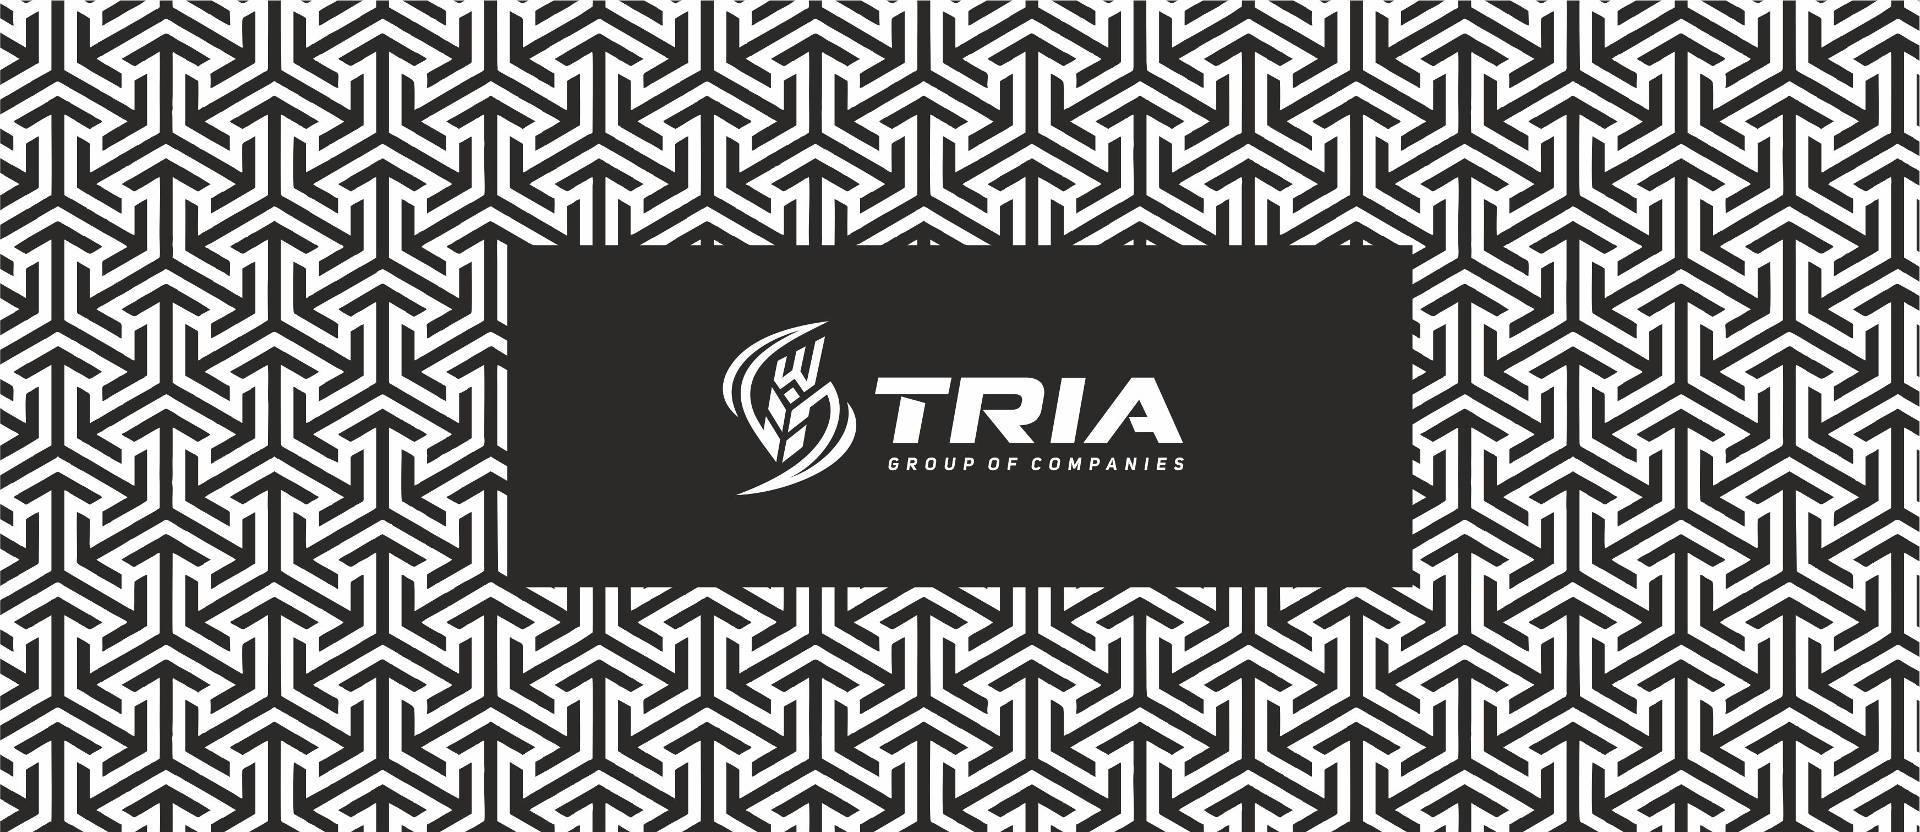 Development of the logo сельскохозяйственной компании, Farm logo design